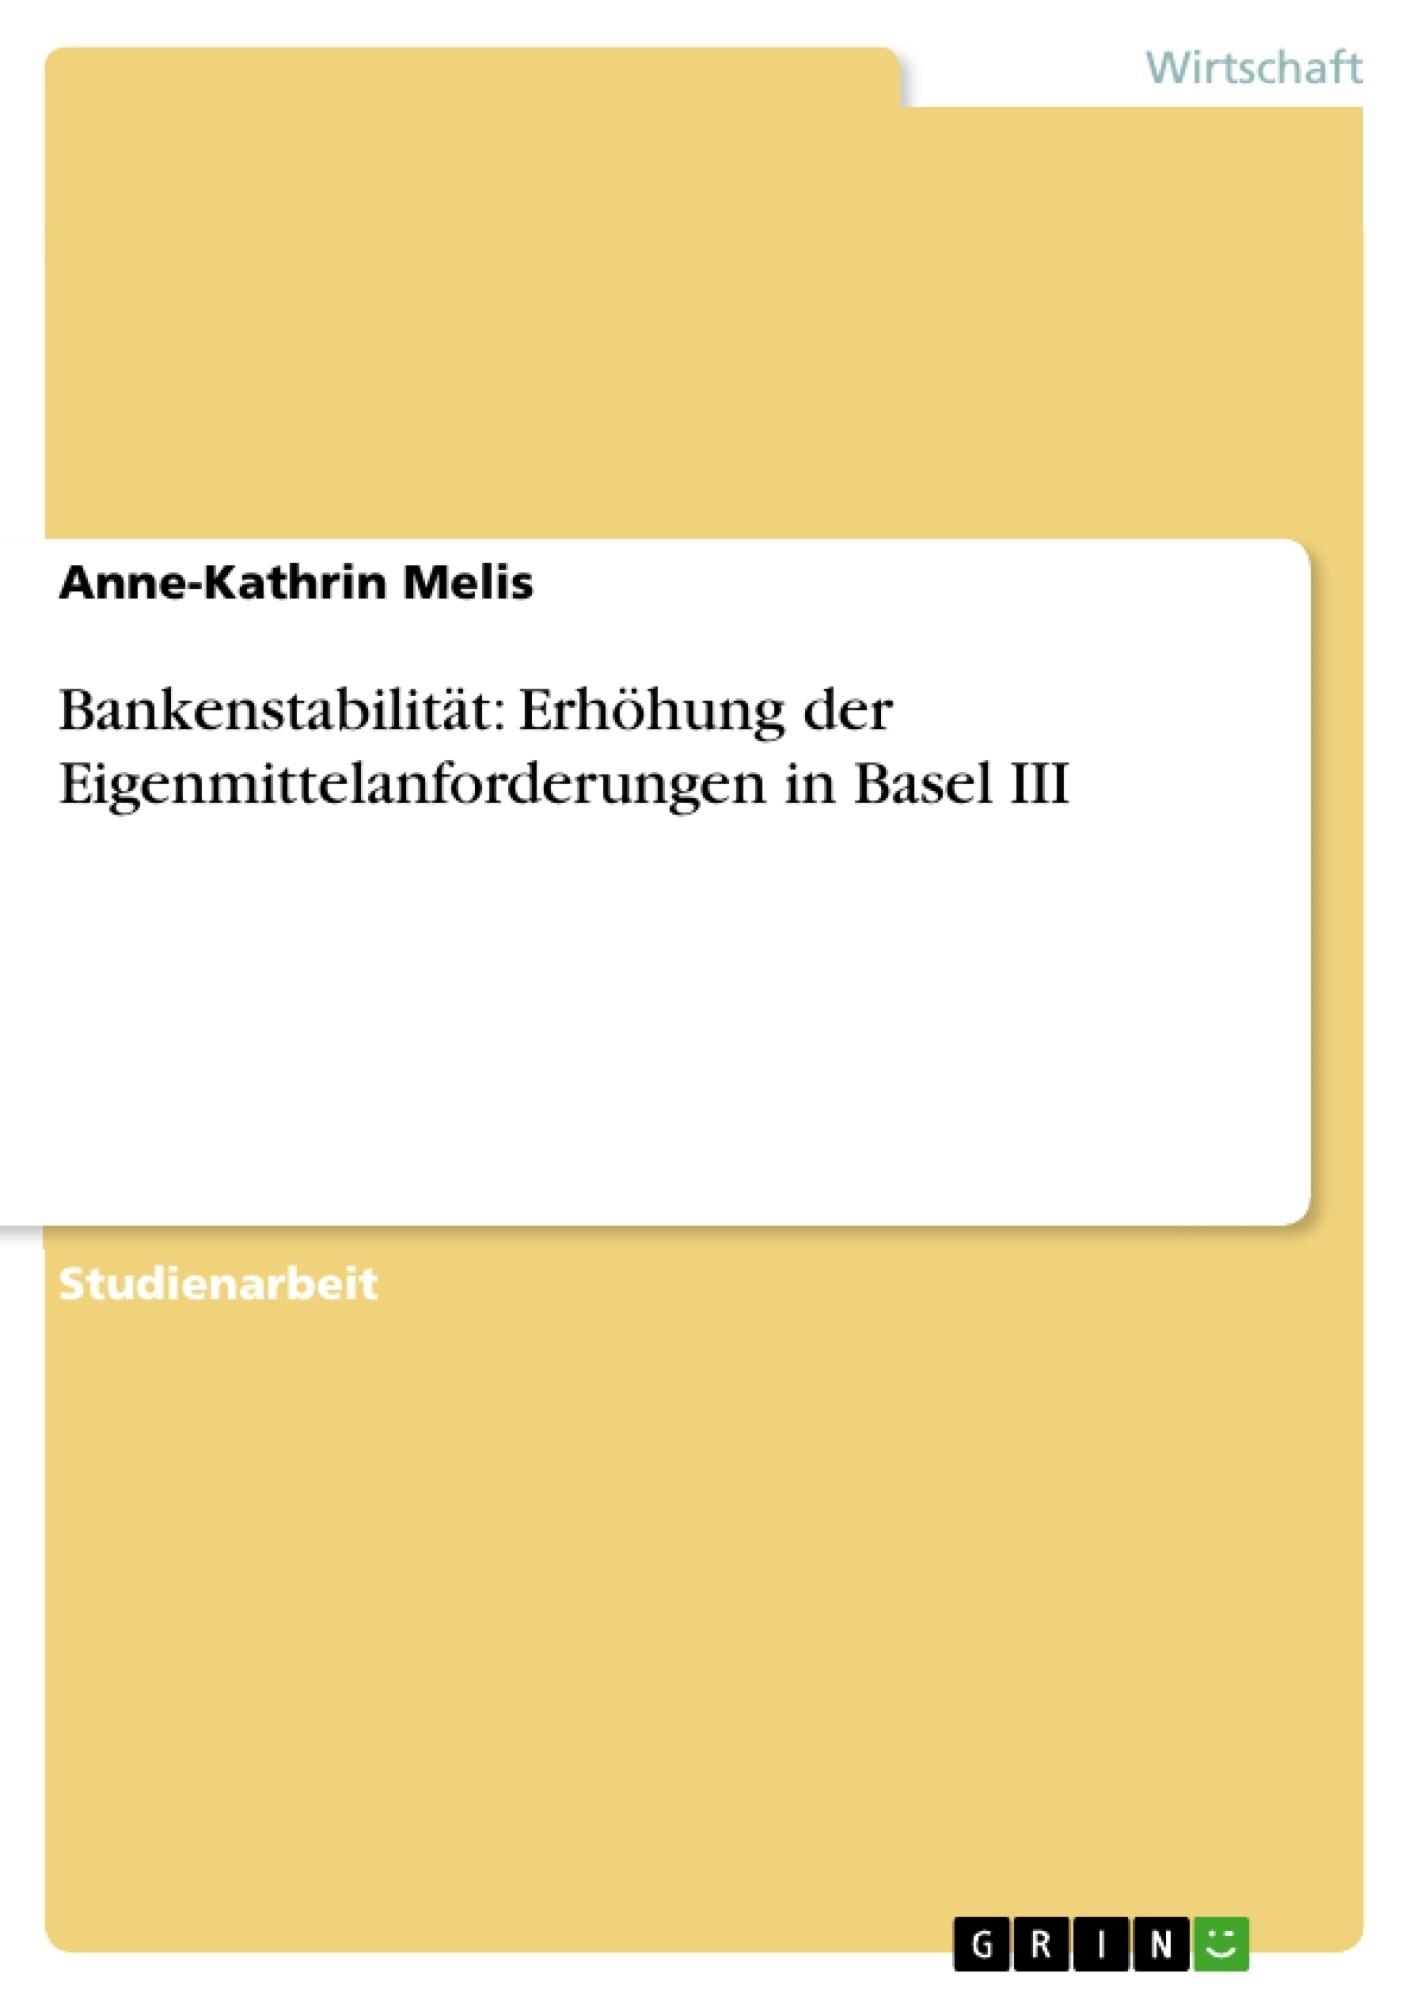 Titel: Bankenstabilität: Erhöhung der Eigenmittelanforderungen in Basel III